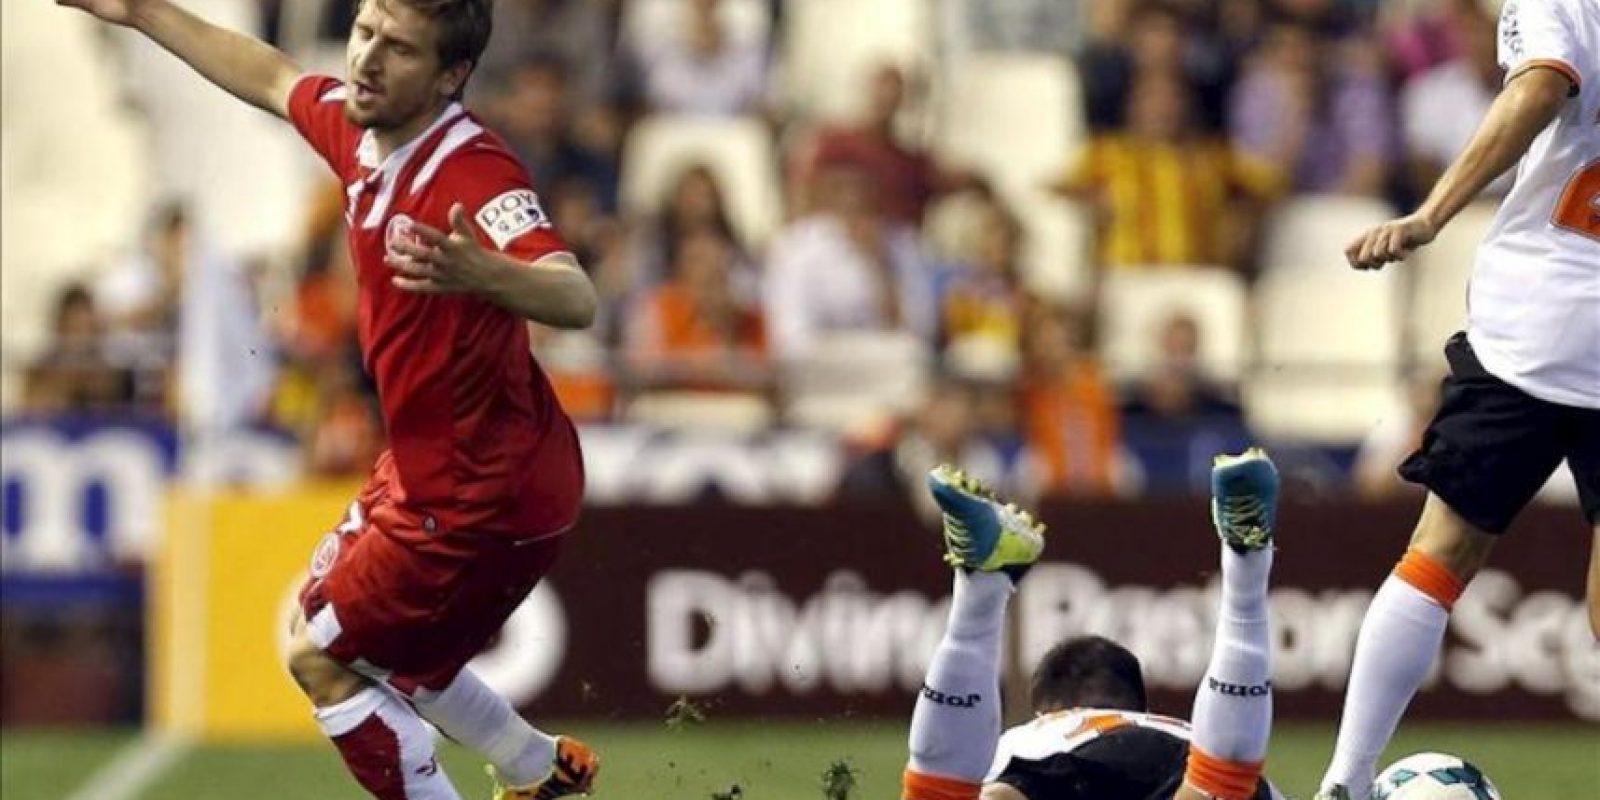 El jugador del Sevilla, Marko Marin, reacciona tras una entrada del Valencia, Javi Fuego (d), durante el partido de Liga BBVA. EFE